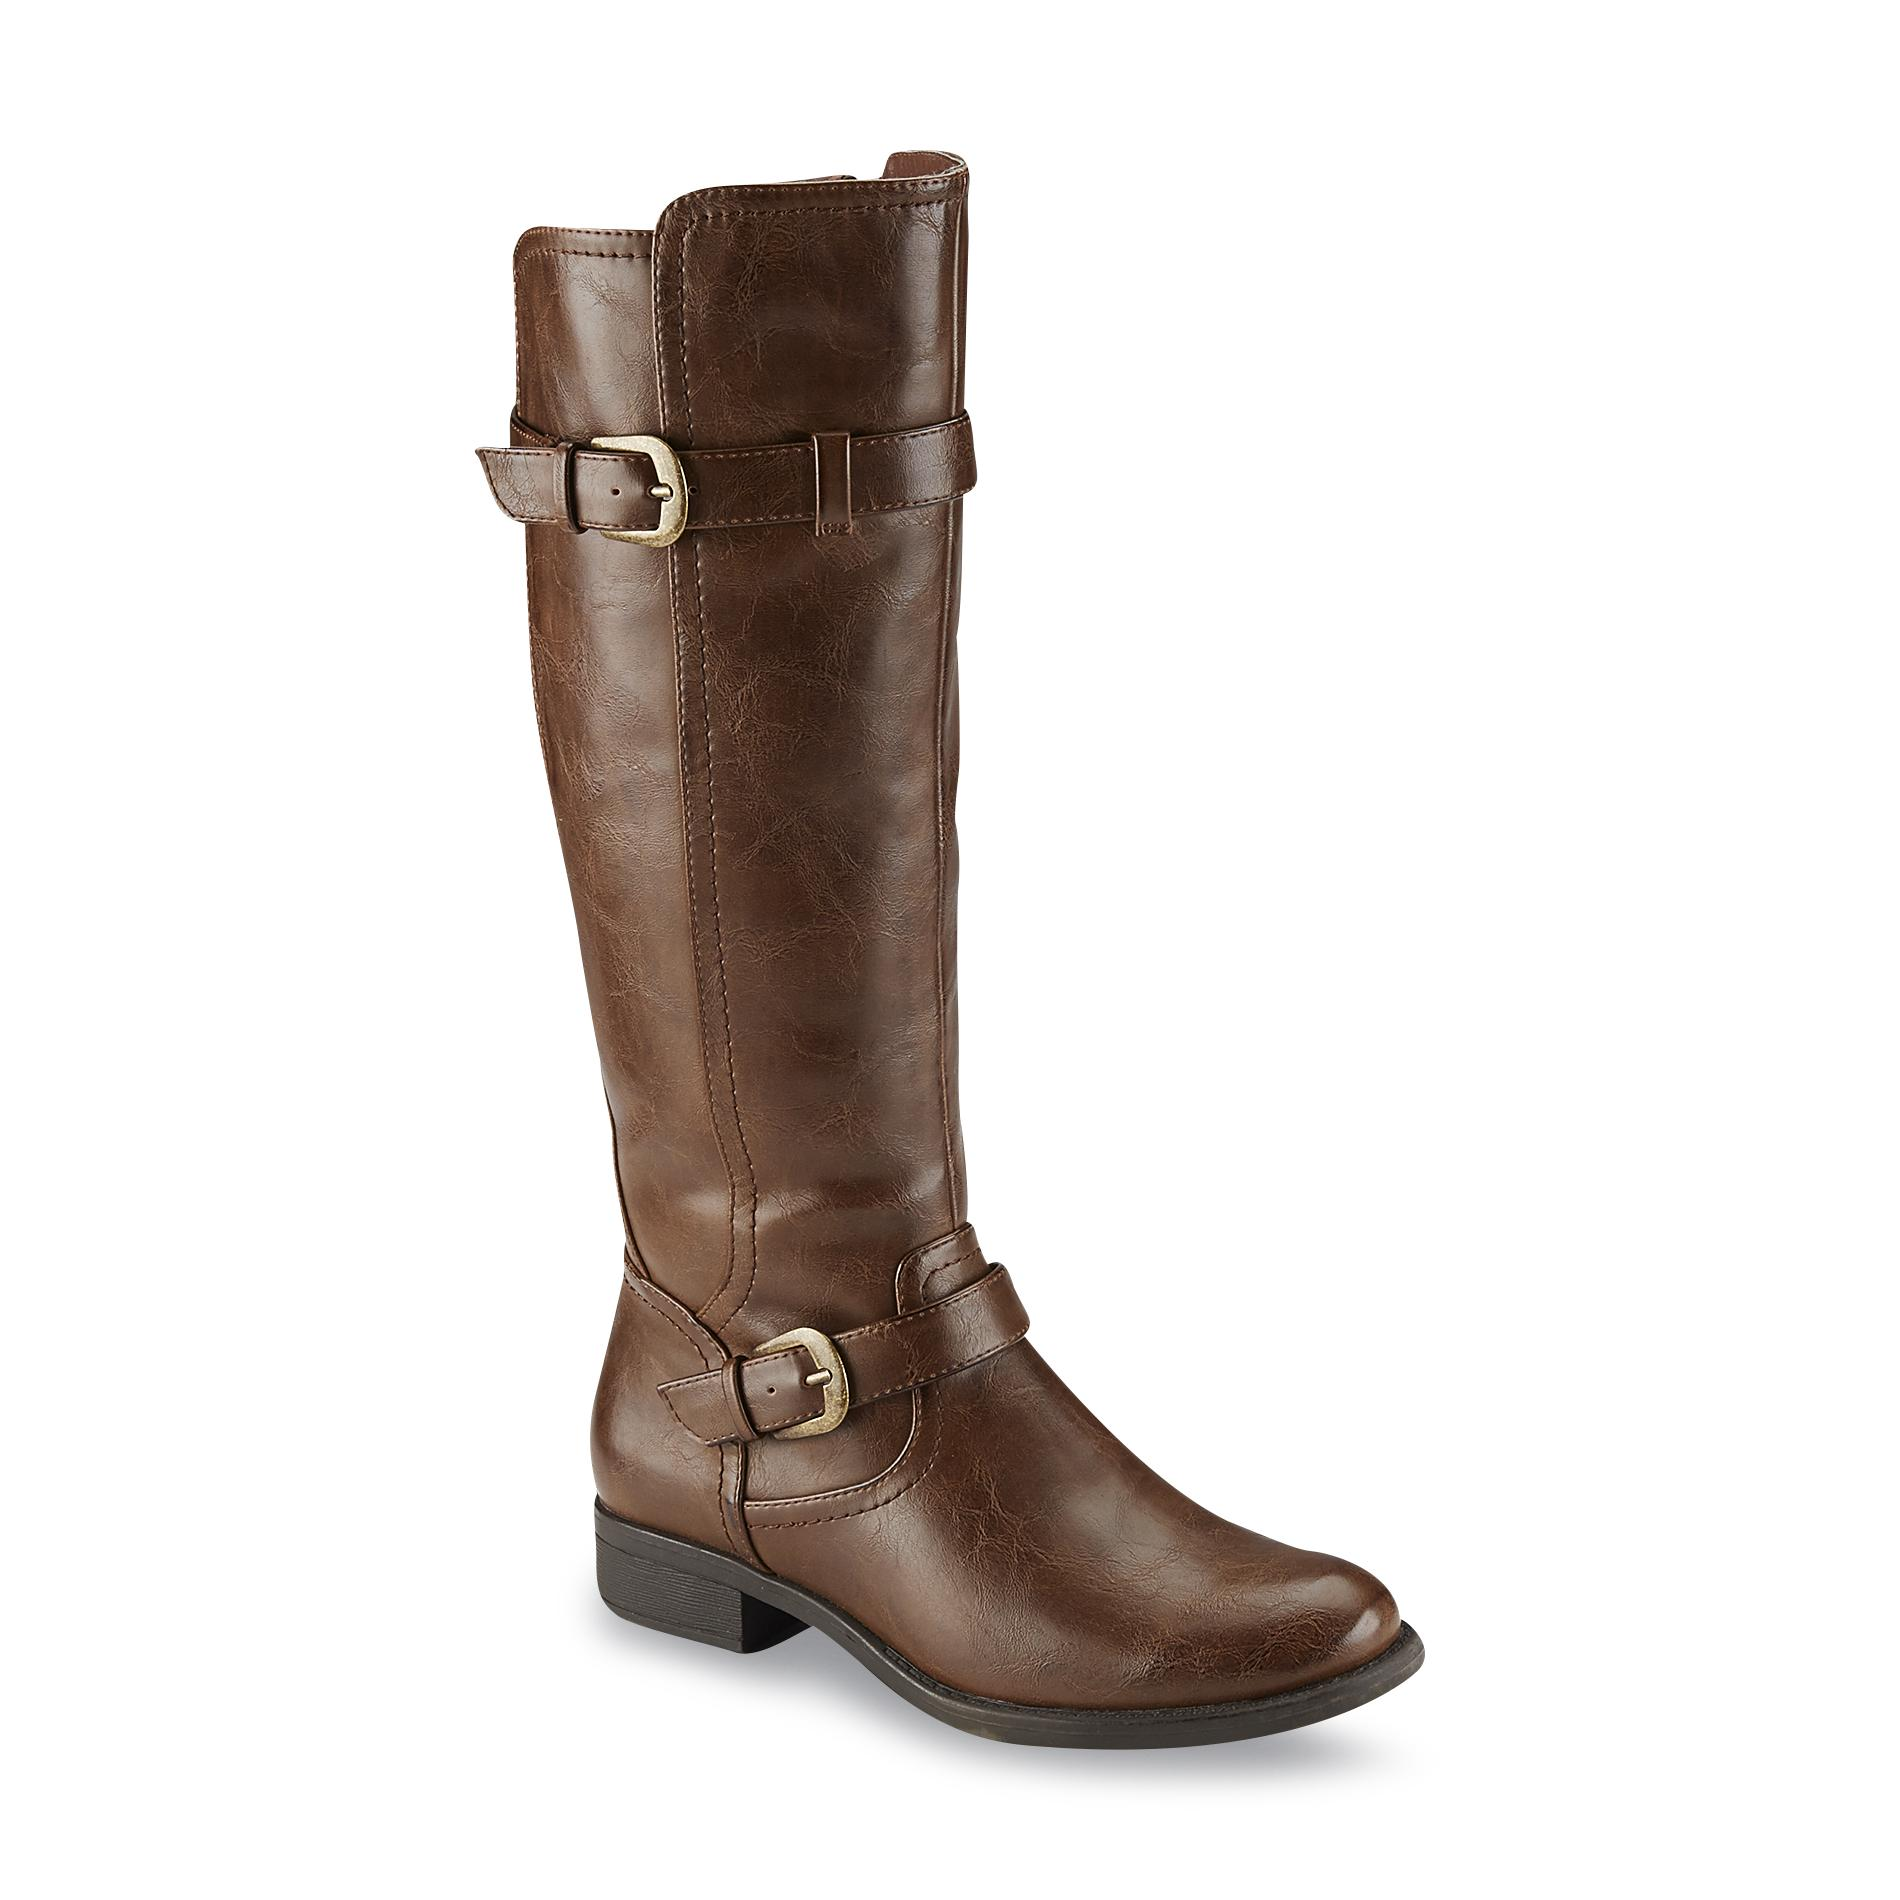 boots women therashoe womenu0027s julia brown riding boot - shoes - womenu0027s shoes - womenu0027s HMXWRTK